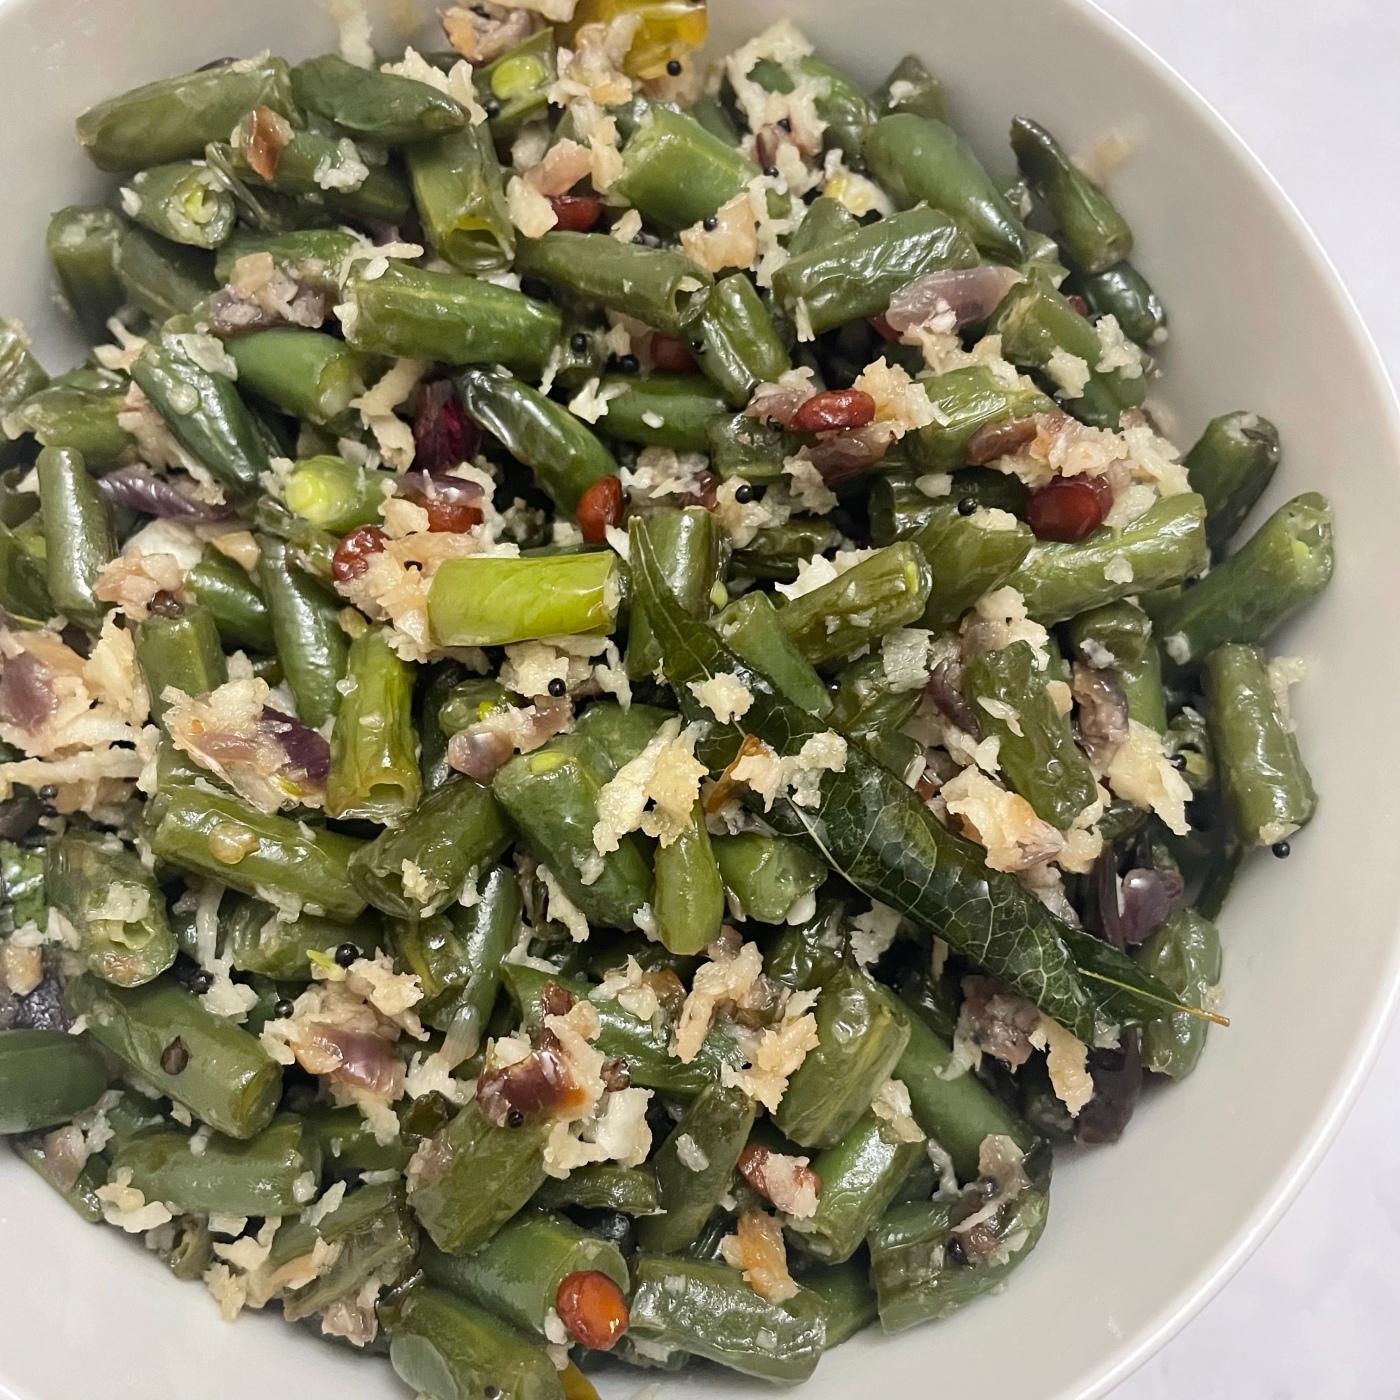 Green beans stir fry